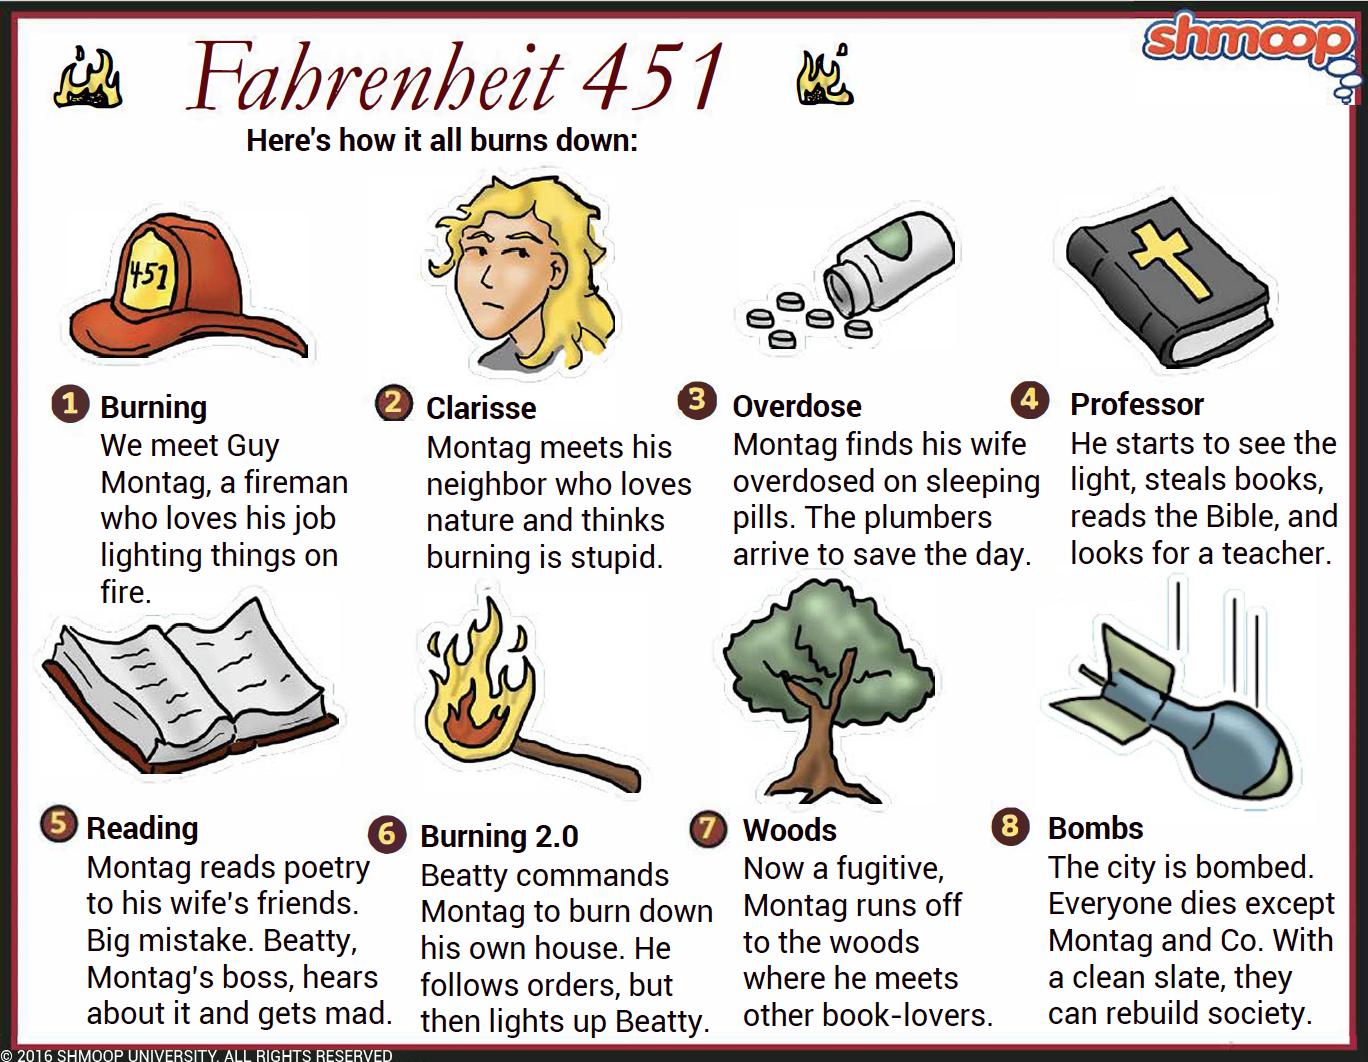 fahrenheit 451 essays on clarisse